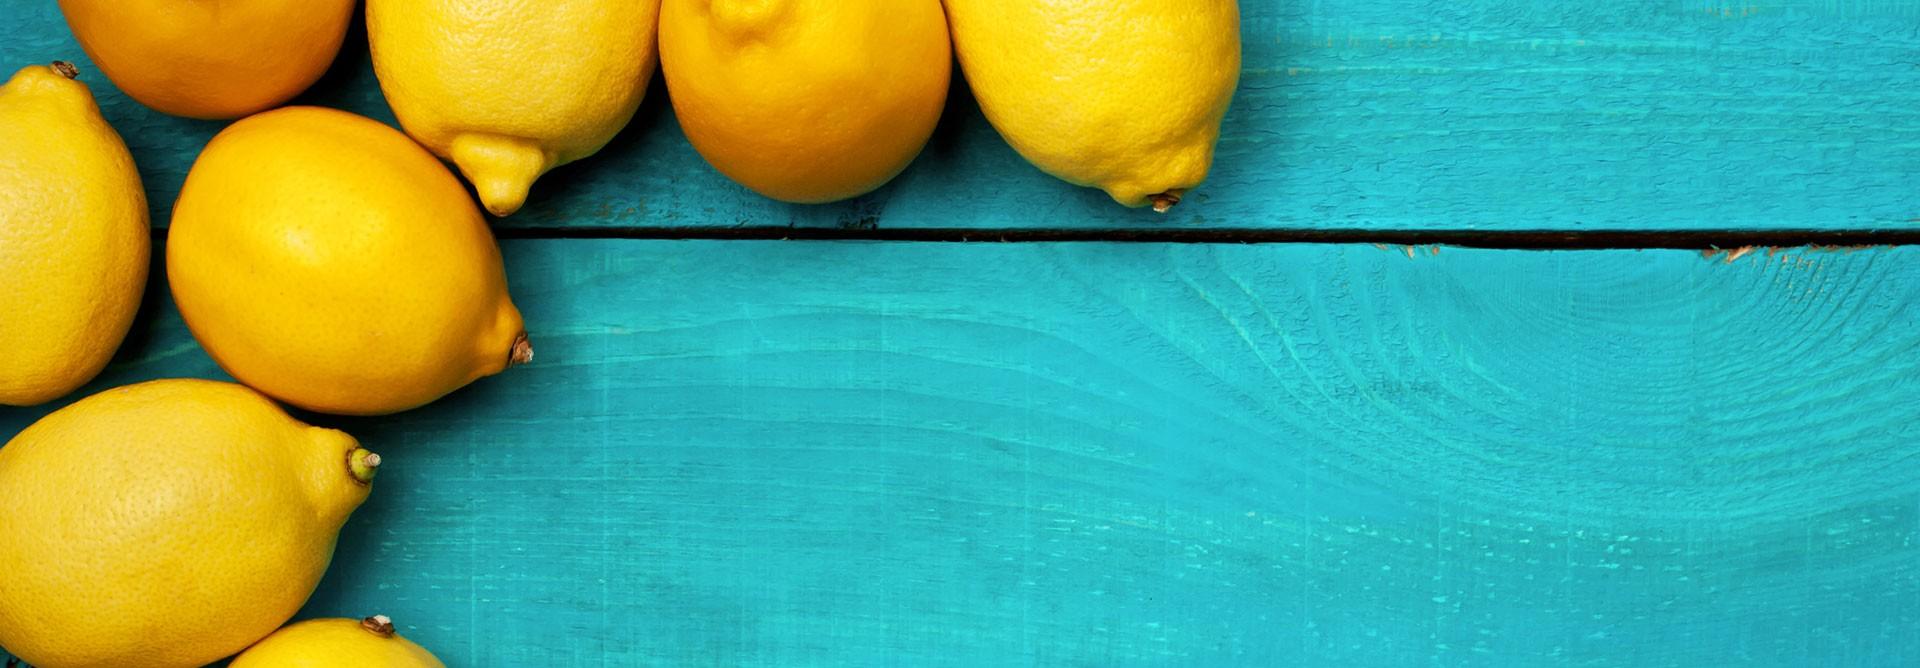 Citrus Fruits Jam